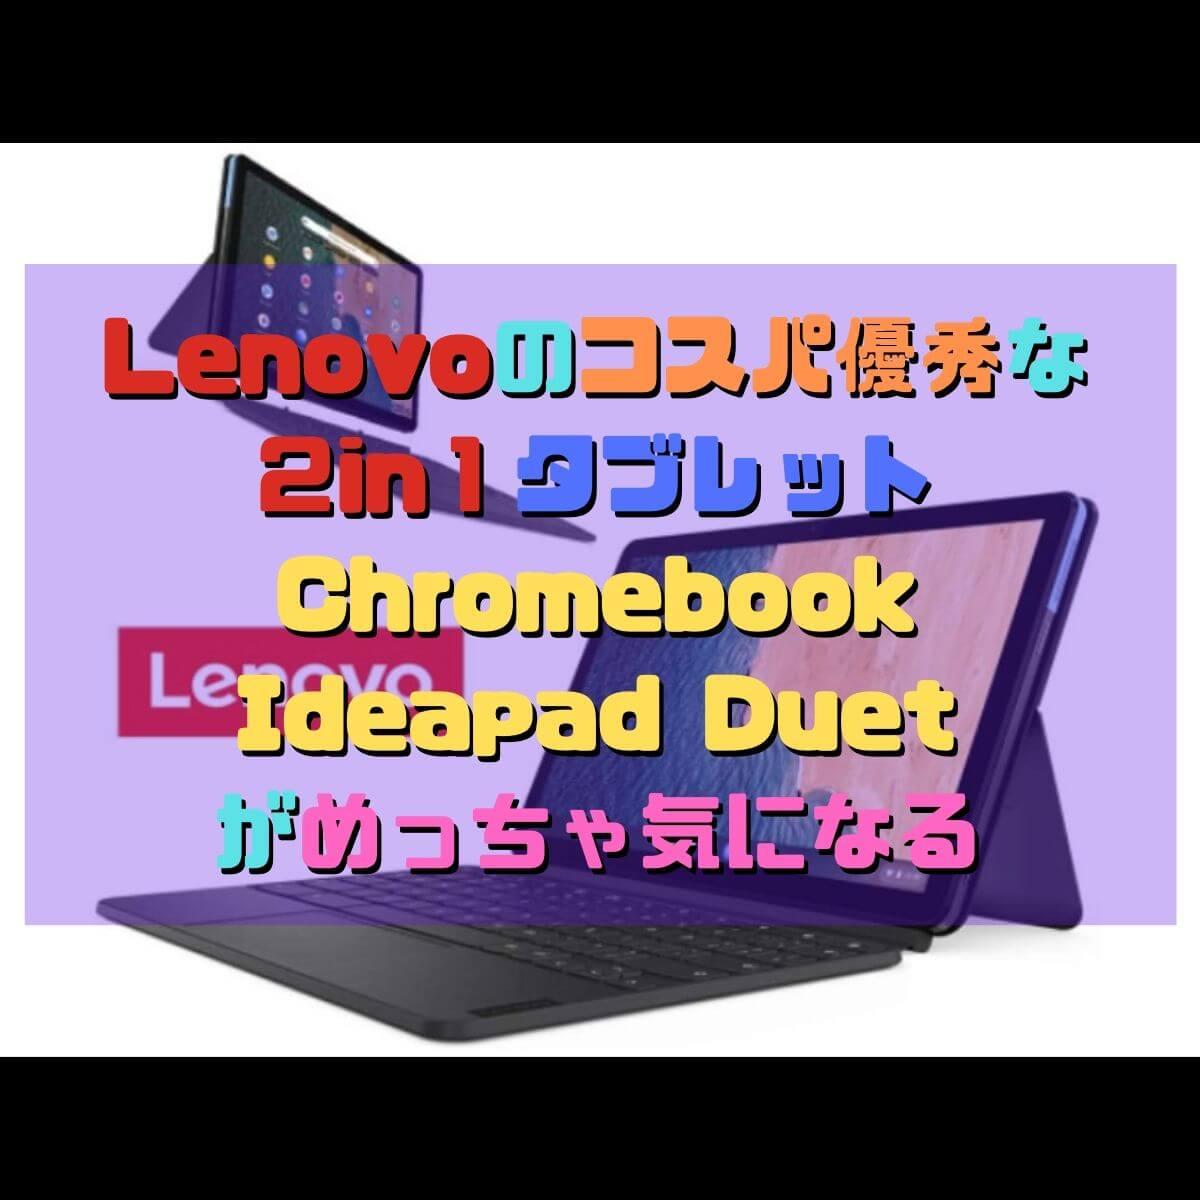 Lenovoのコスパ優秀な2in1タブレットChromebook Ideapad Duetがめっちゃ気になる